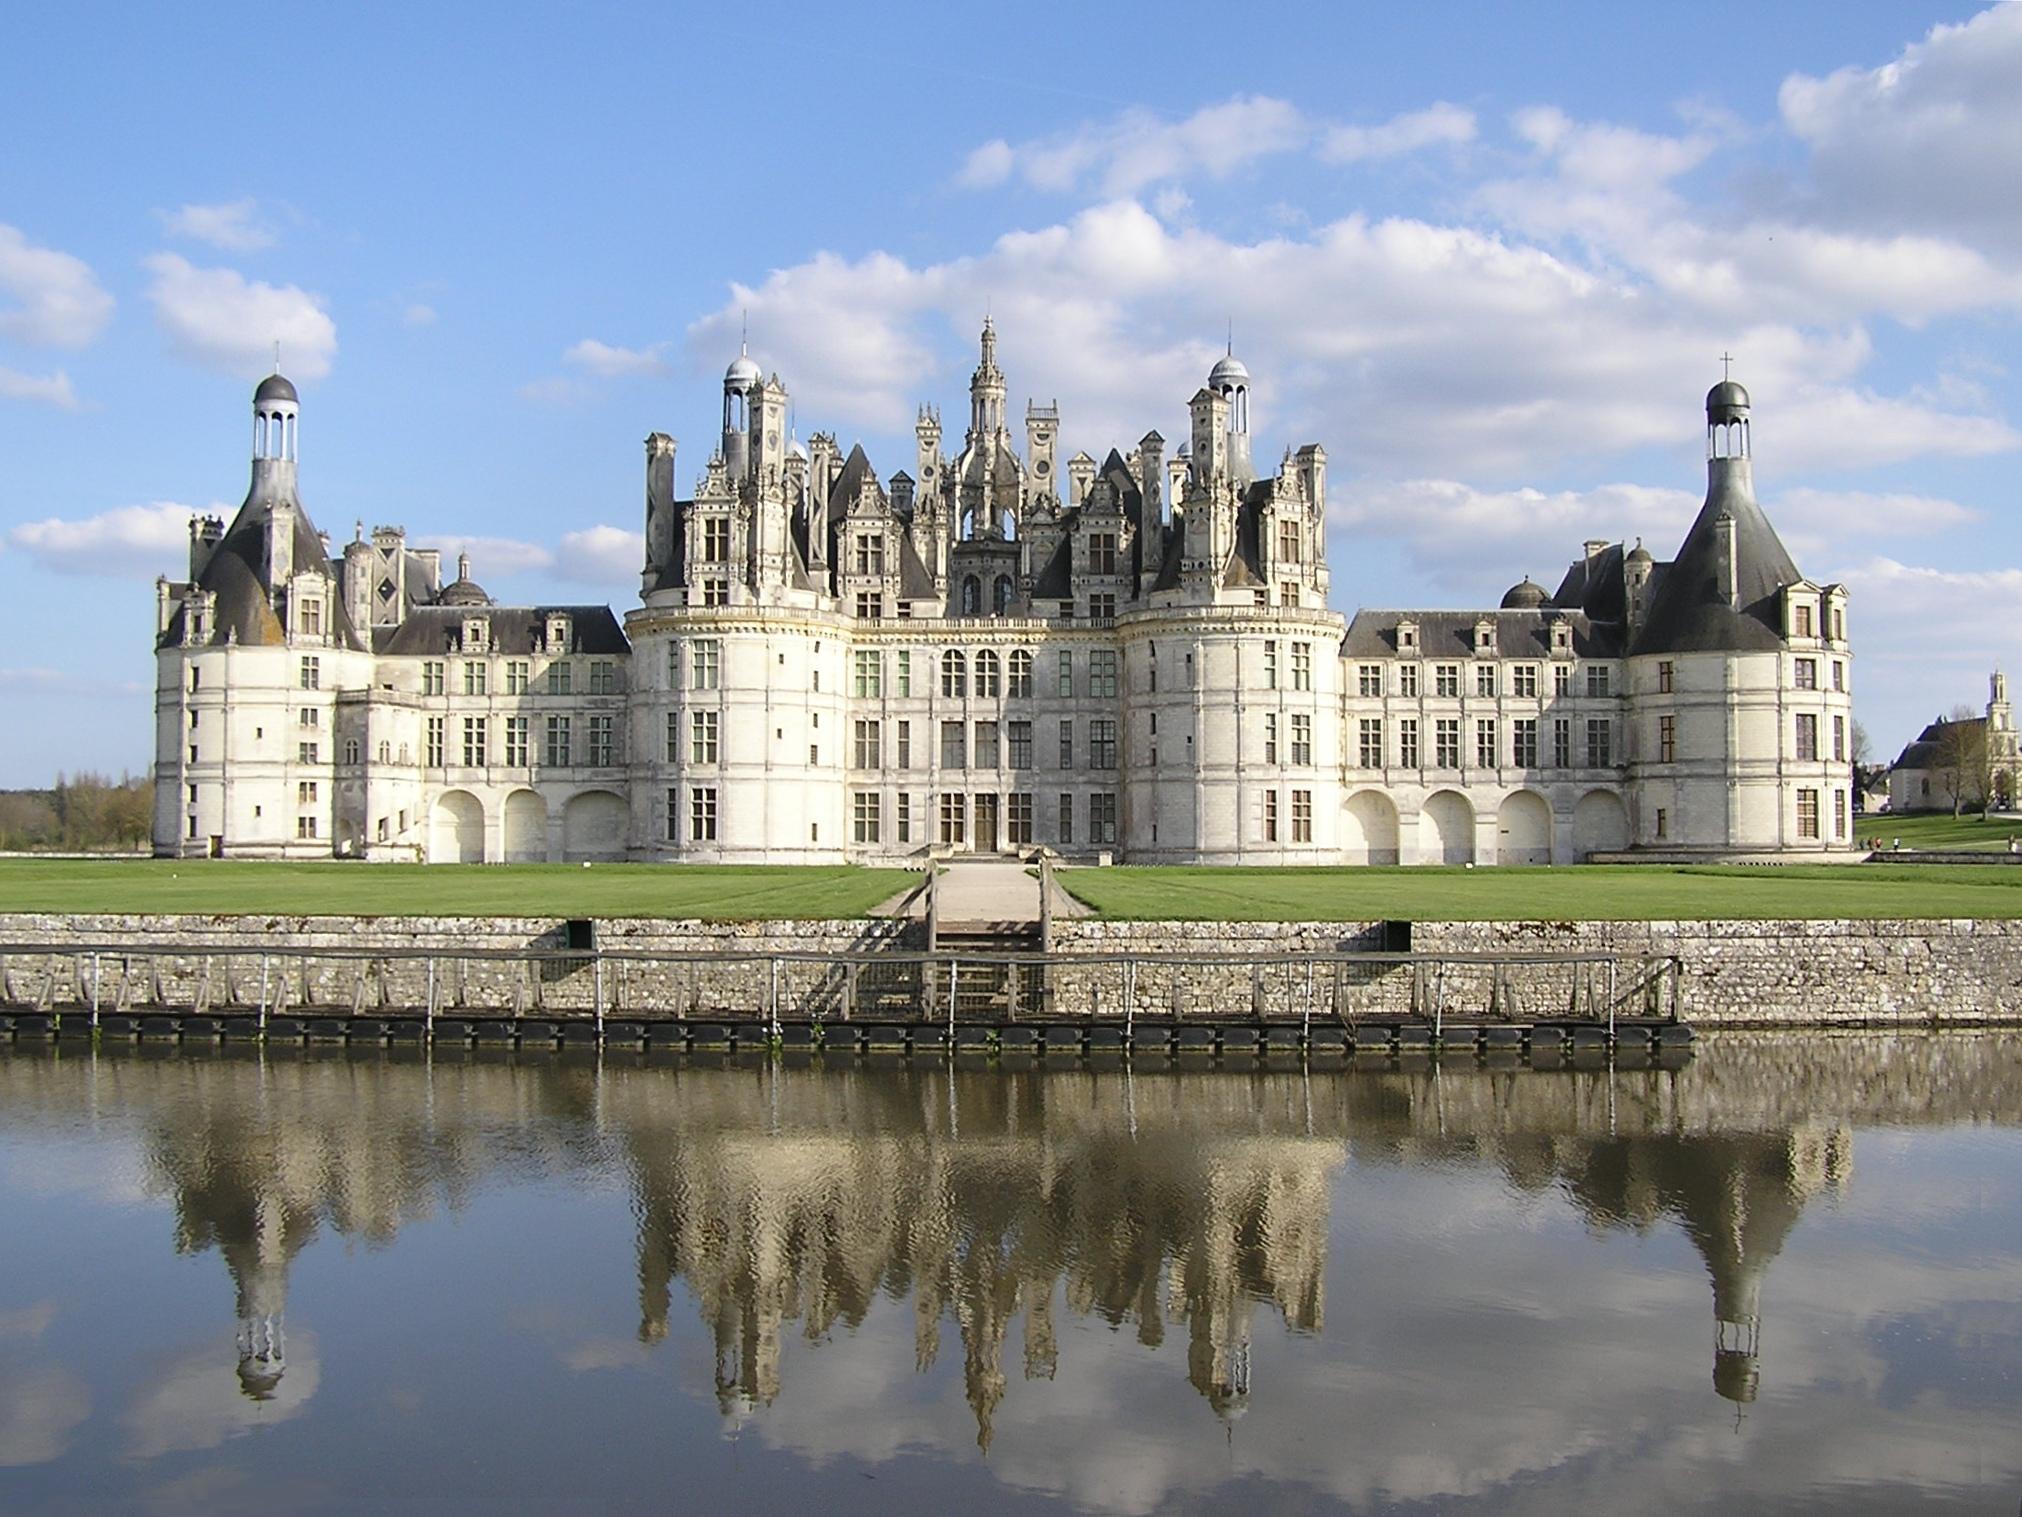 себе дворцы замки мира с описанием и фото это какая-то